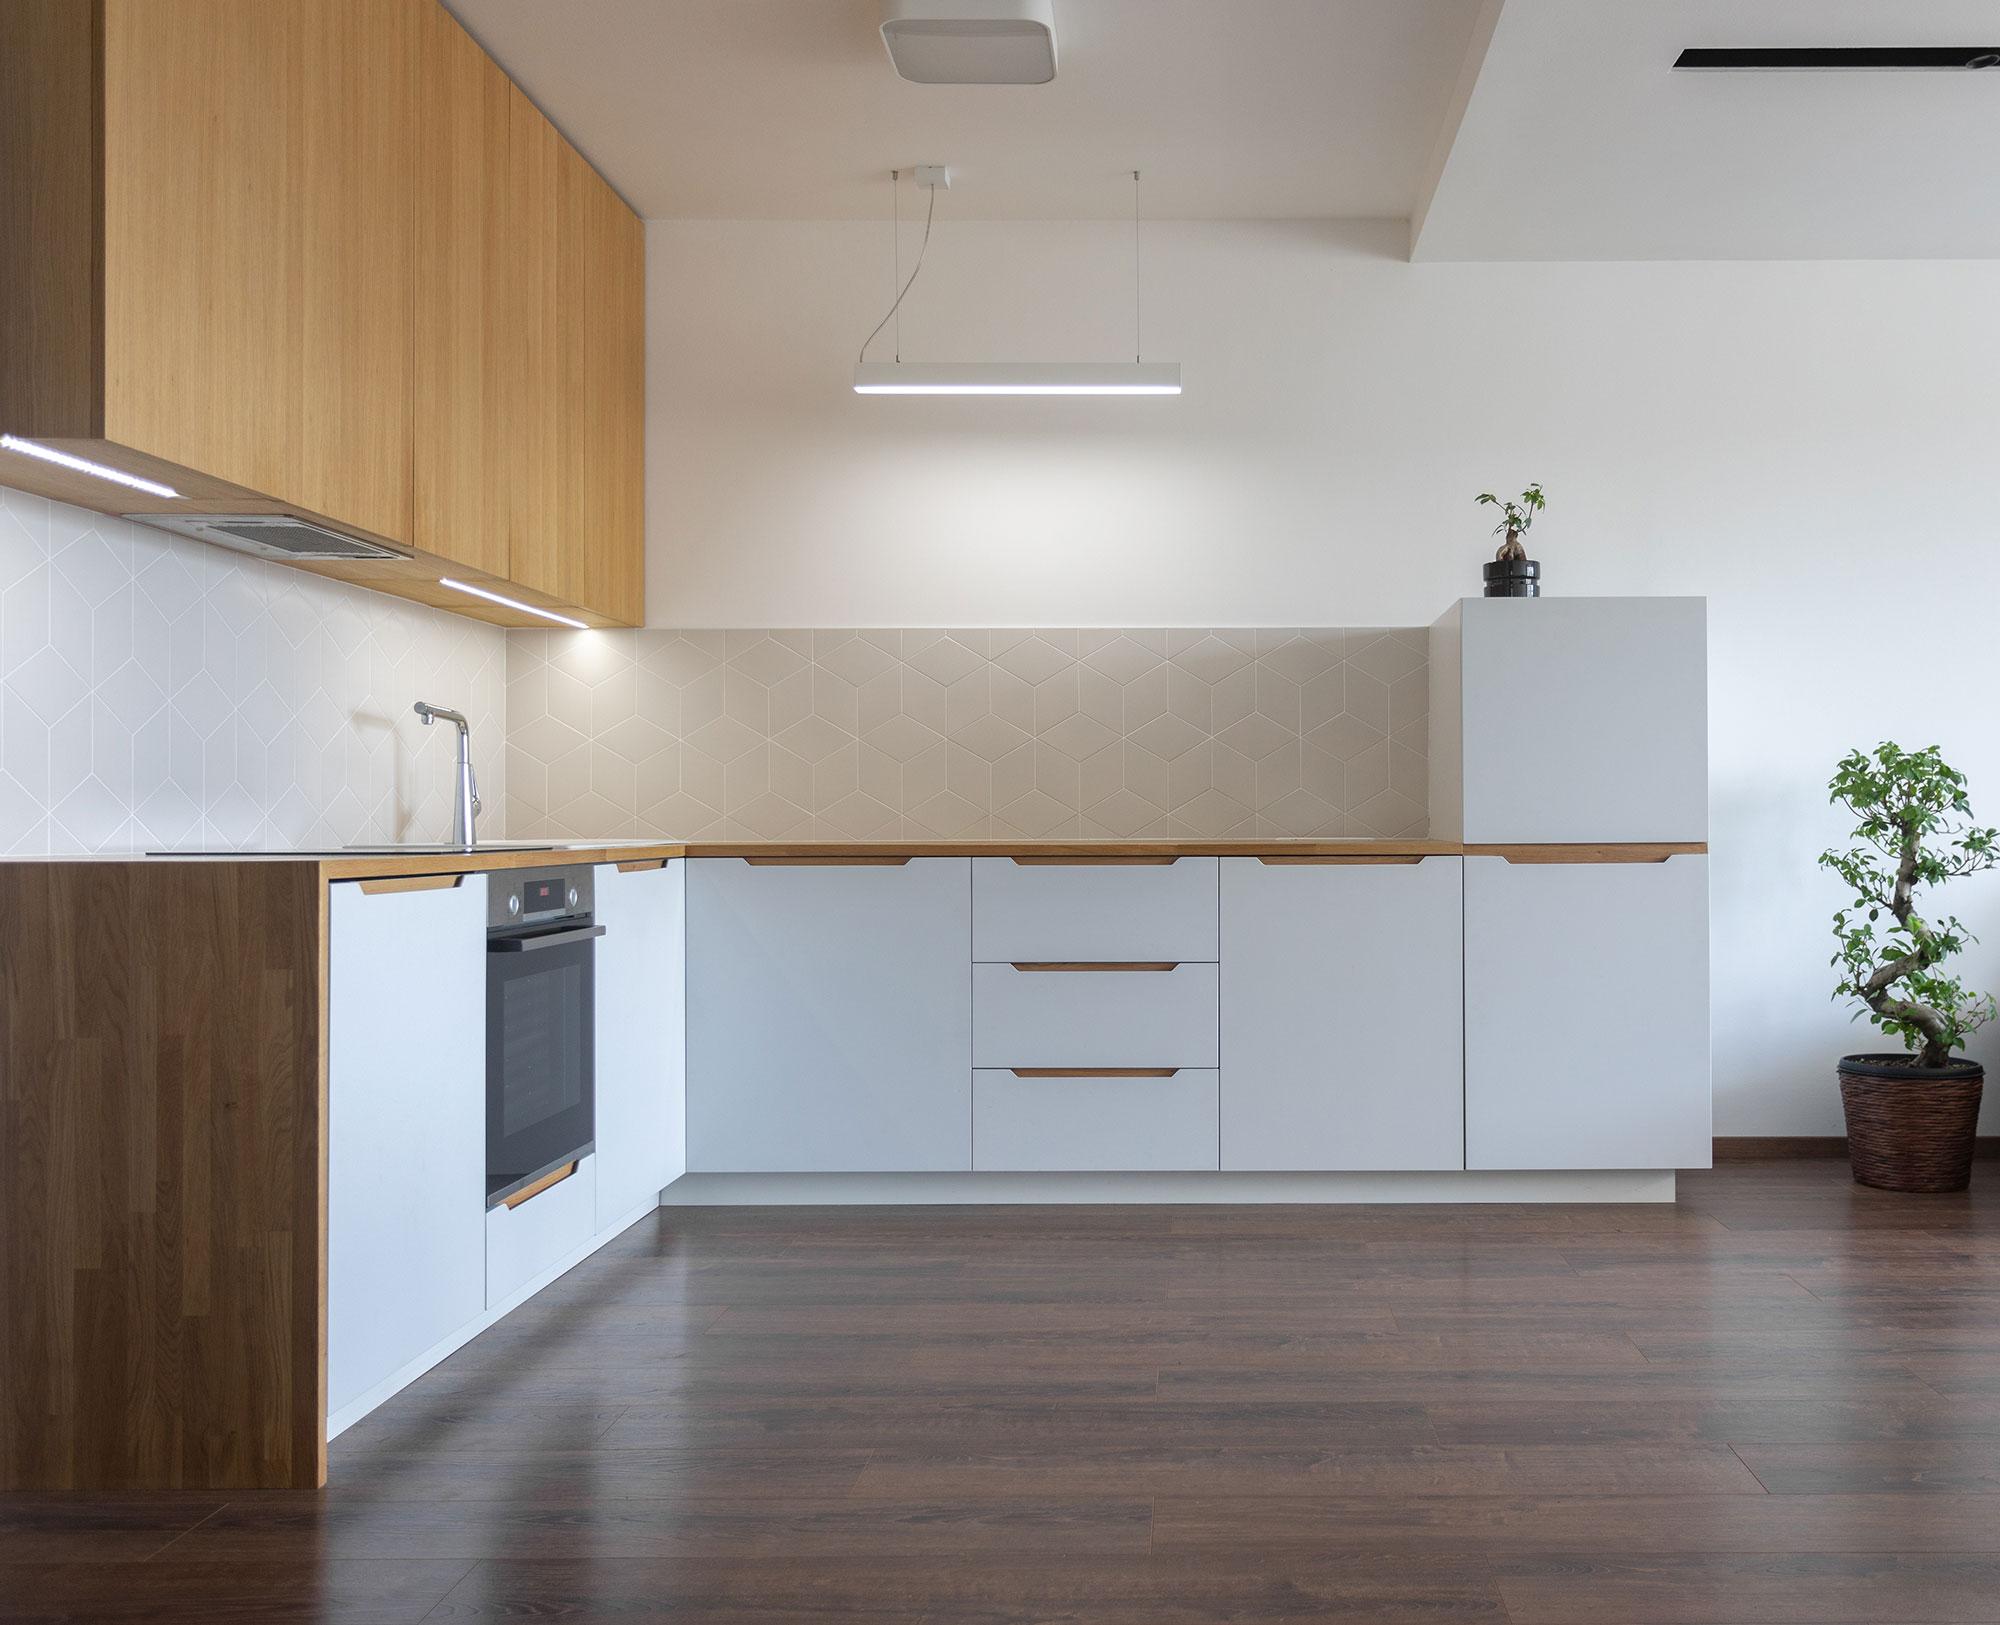 dizajnova kuchyna na mieru